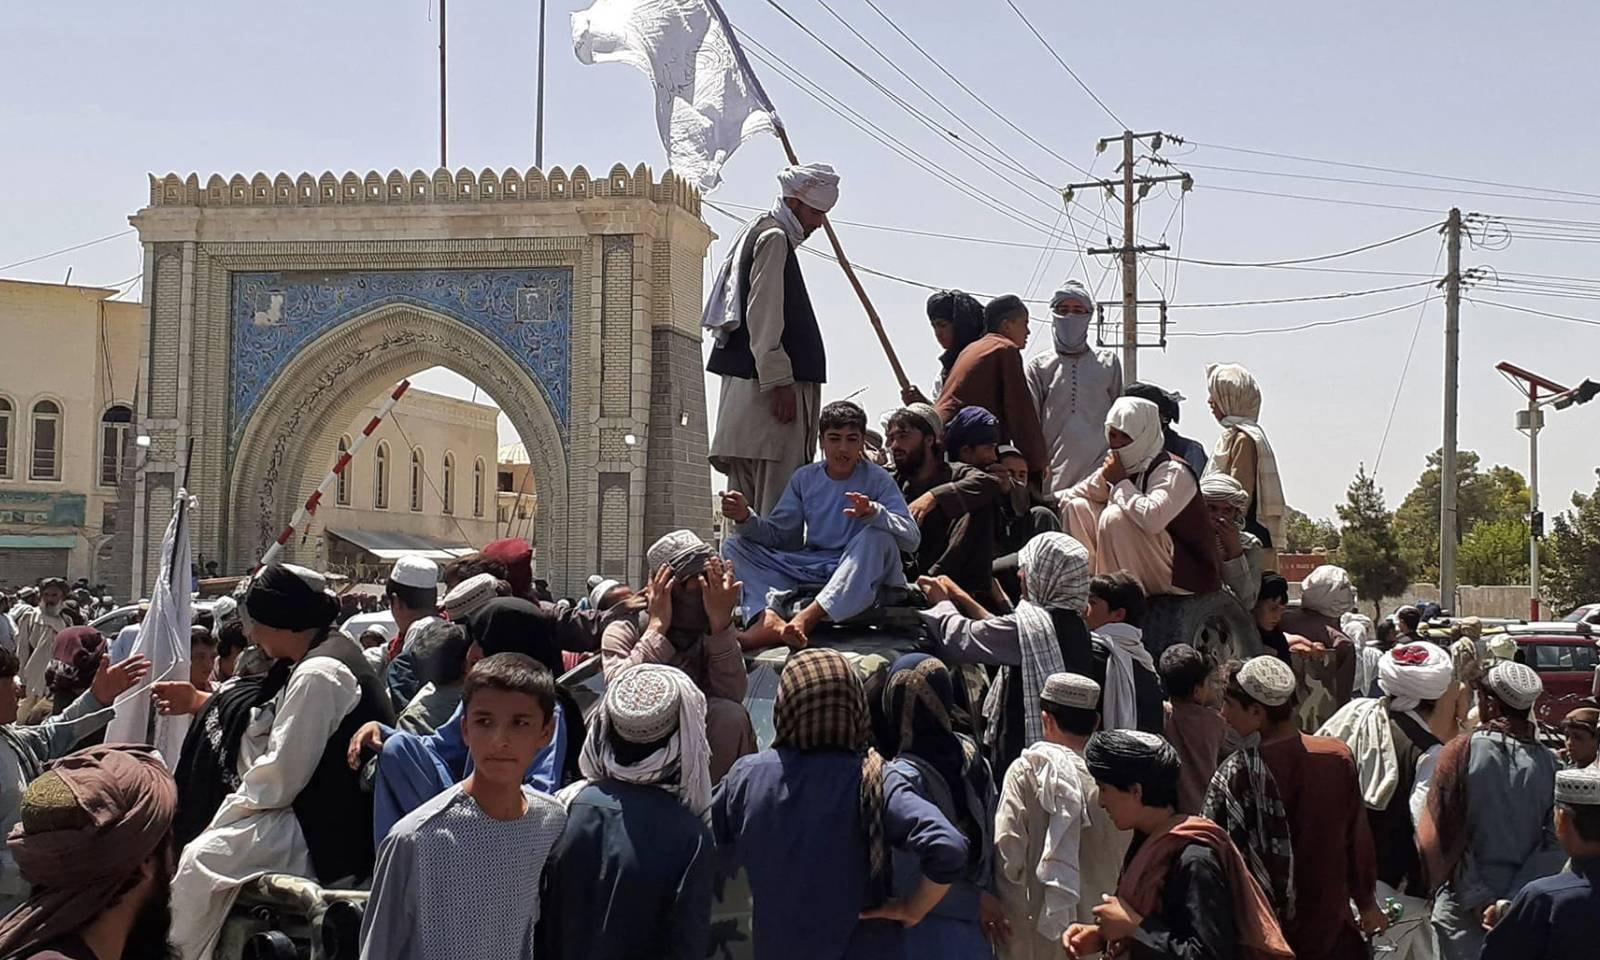 طالبان جنگجو قندھار میں سڑک کنارے ایک گاڑی پر موجود ہیں—فوٹو: اے ایف پی